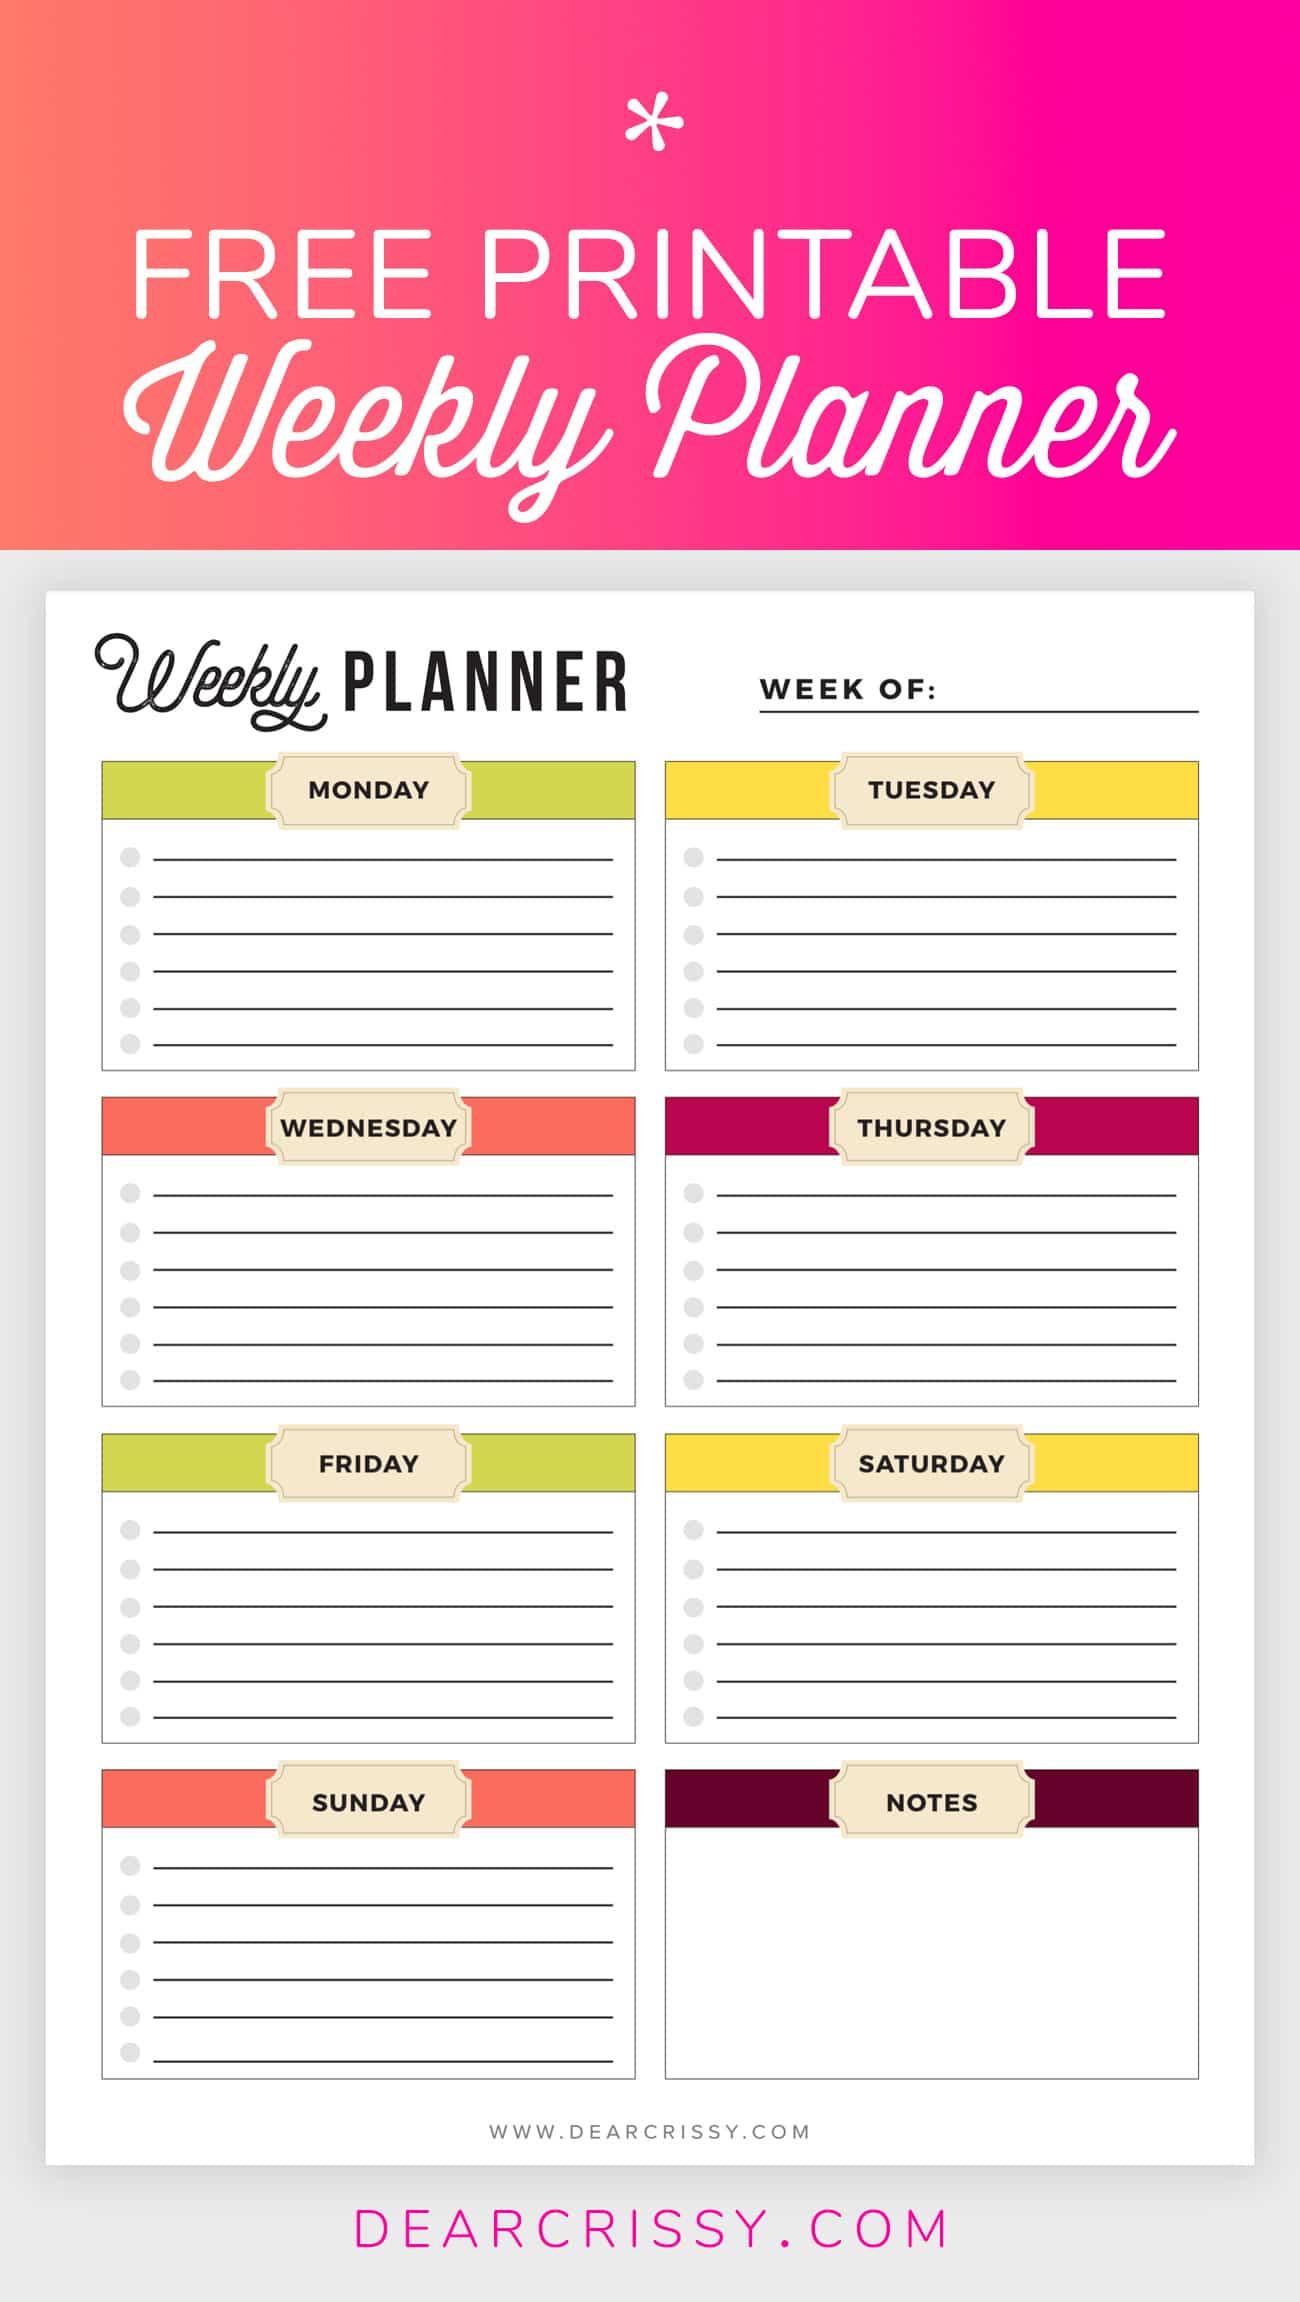 Free Printable Weekly Planner - Weekly Planner Printable! - Planner Printable Free